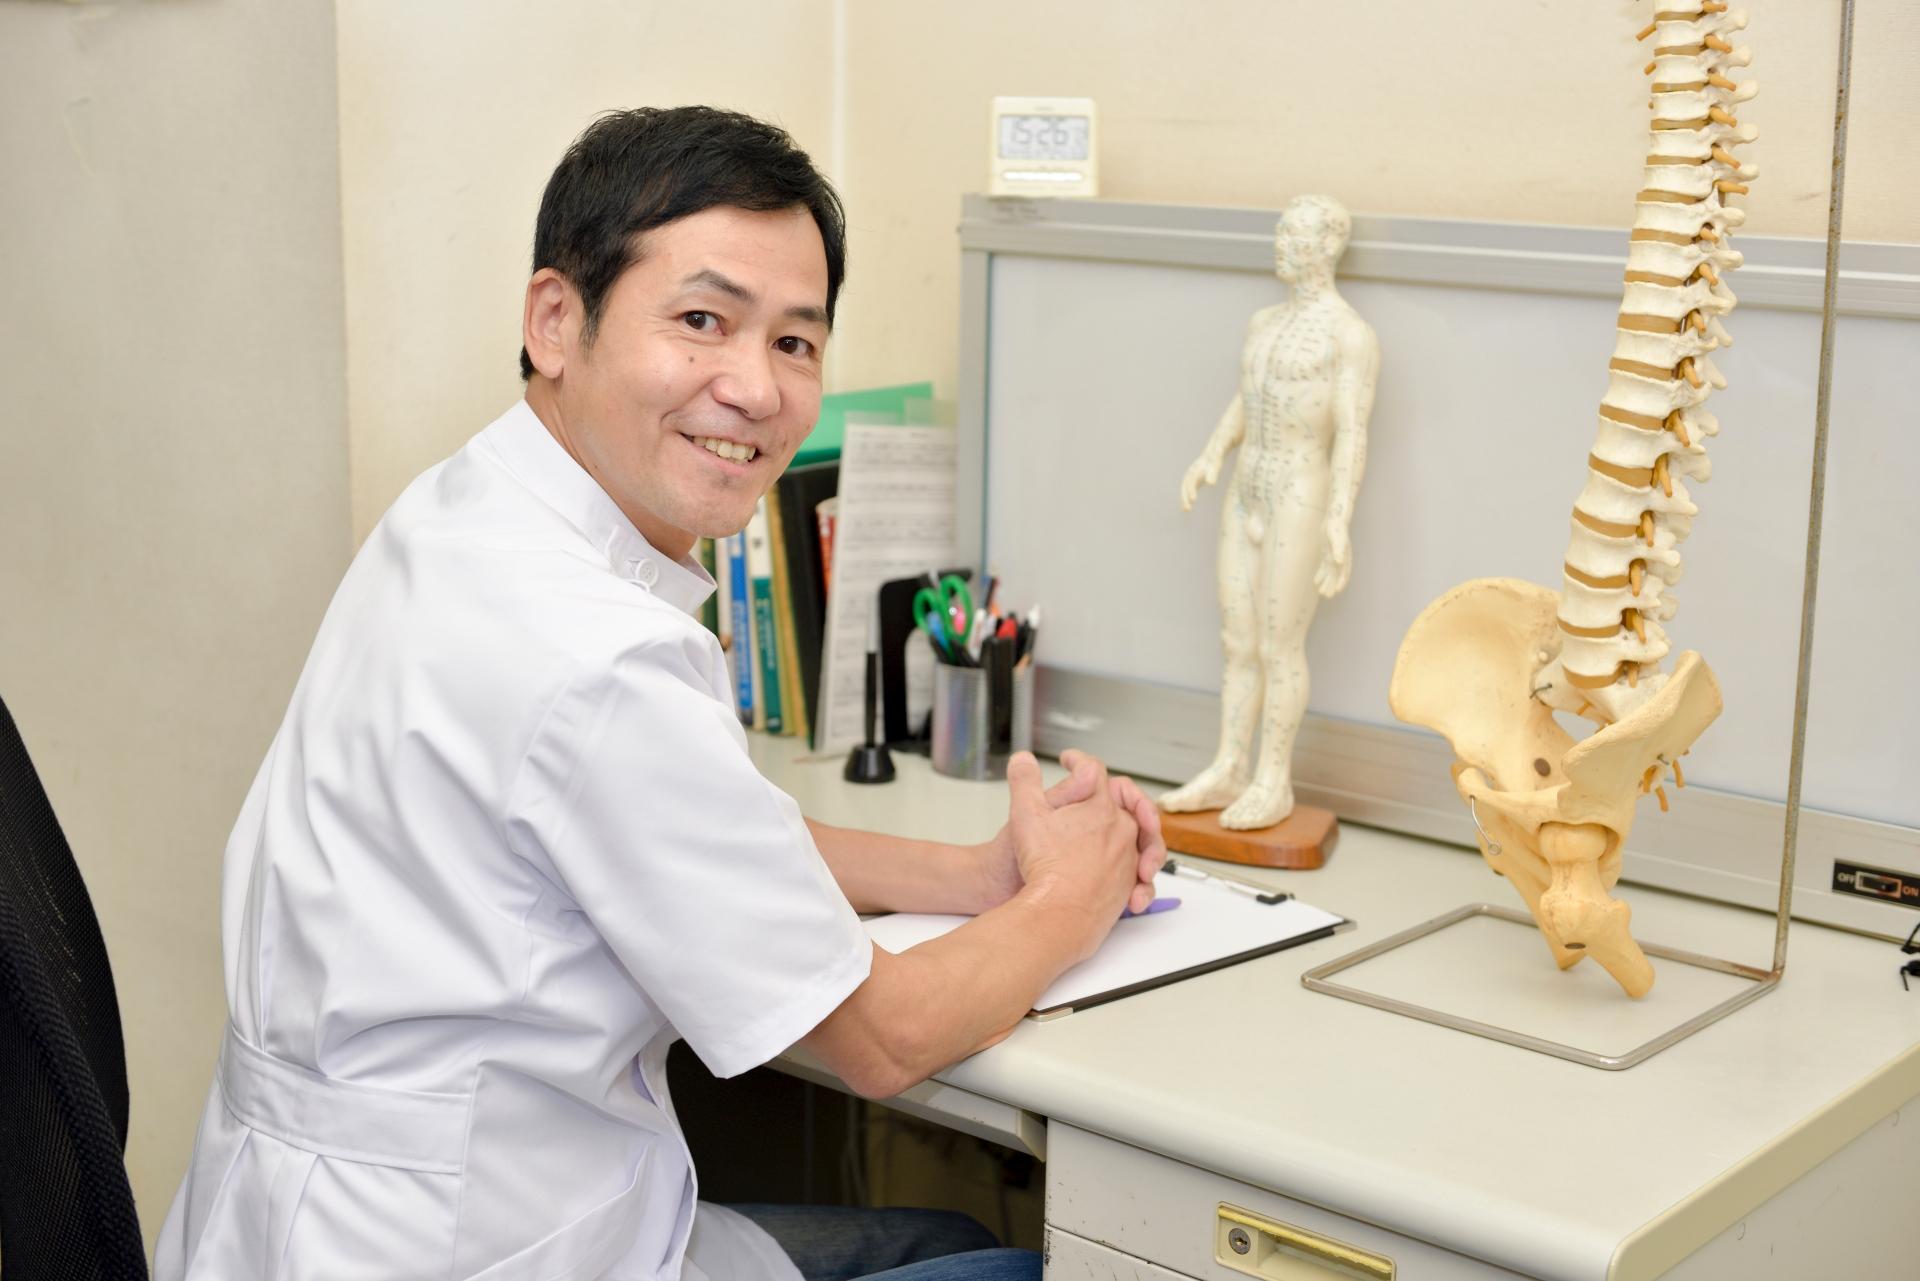 人工透析の人が訪問鍼灸マッサージを受けると良い理由